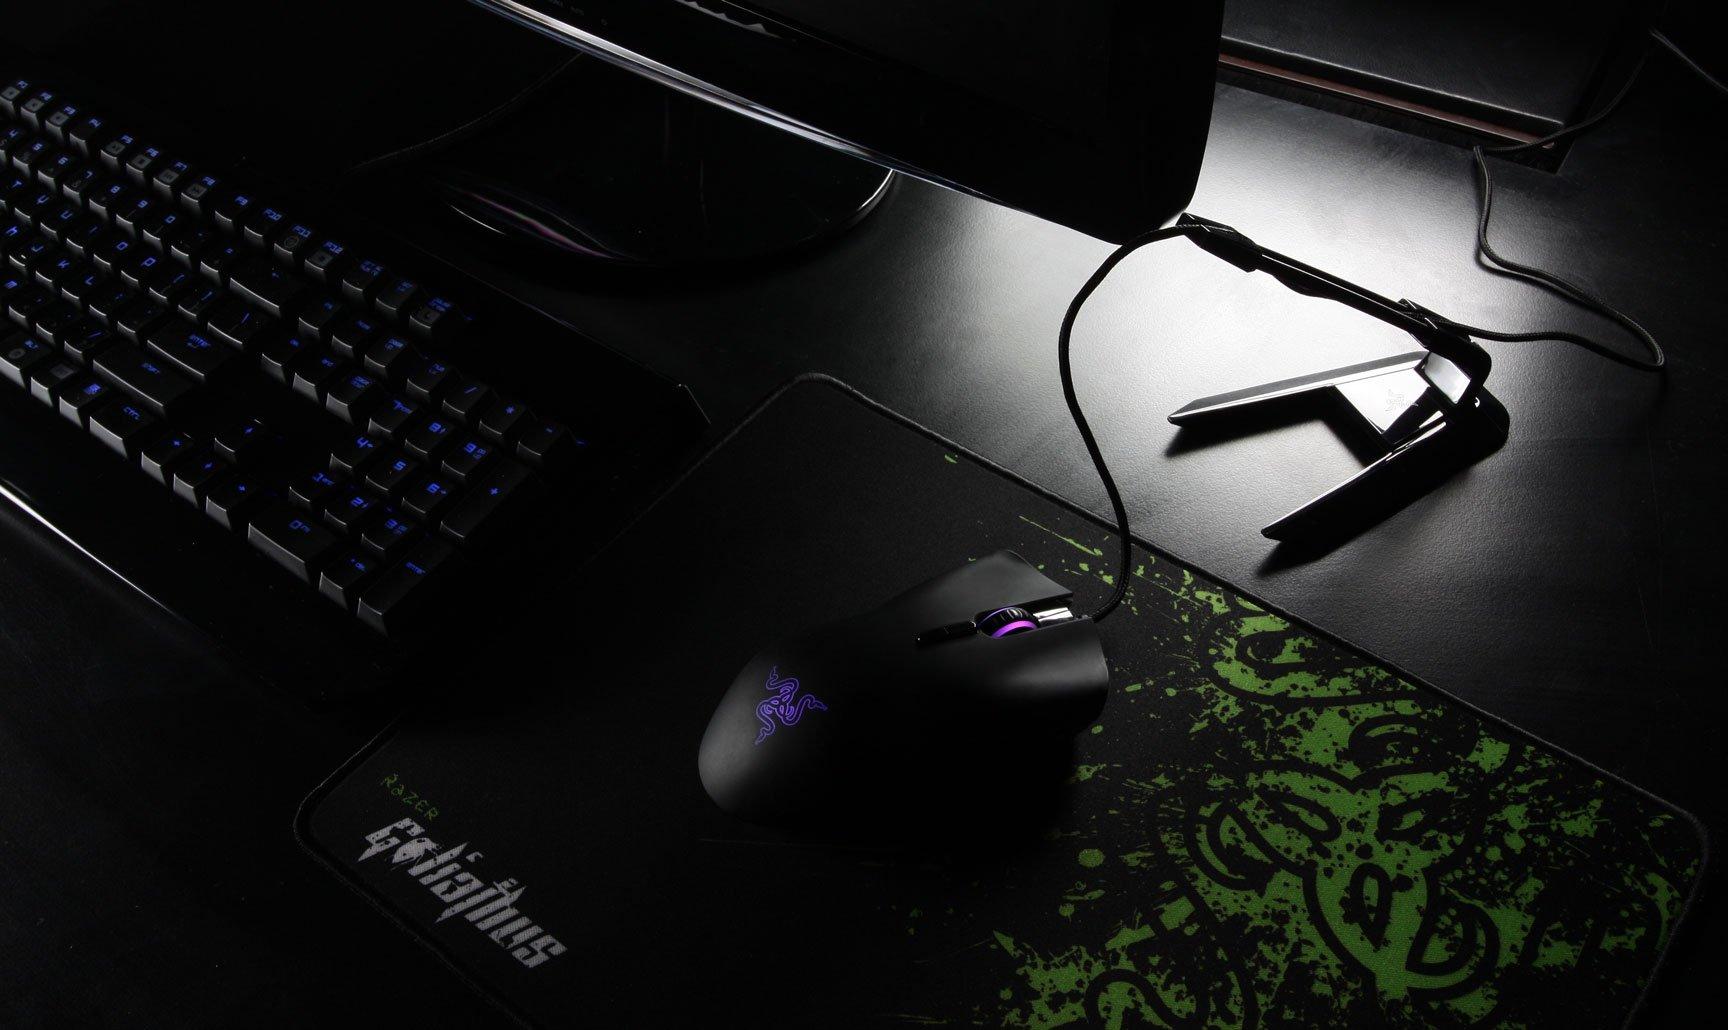 Razer Mouse Bungee gaming setup